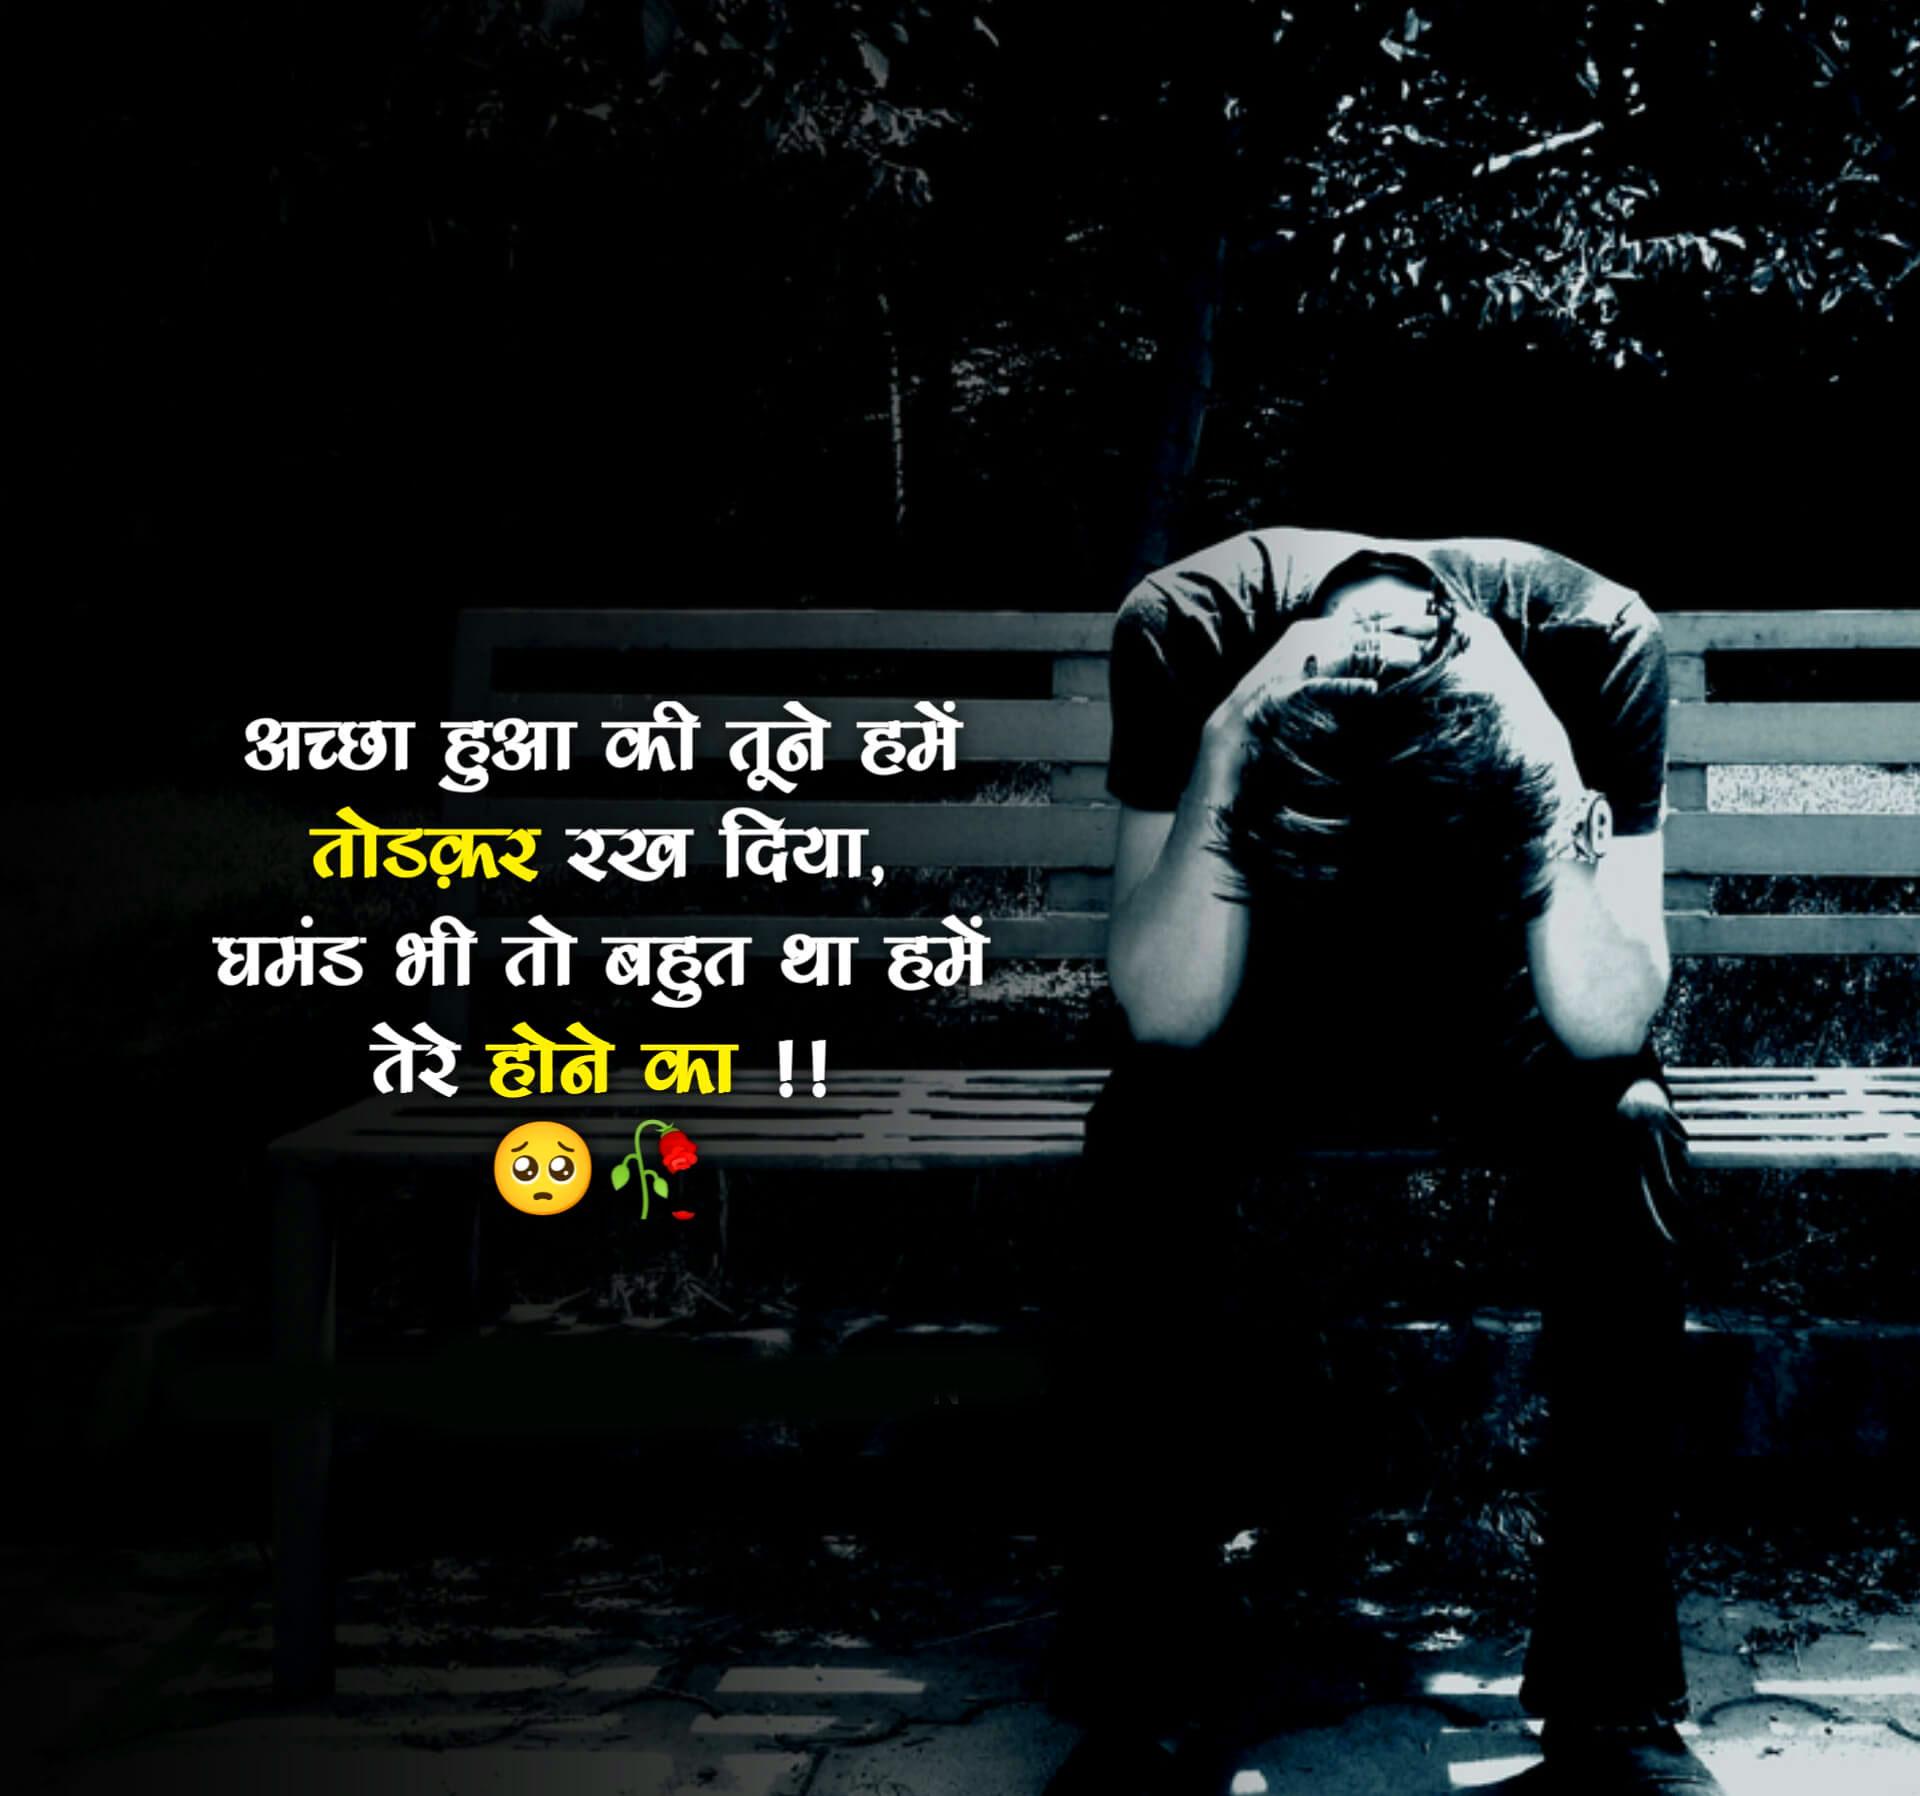 New Sad Boy Shayari Images for hd download